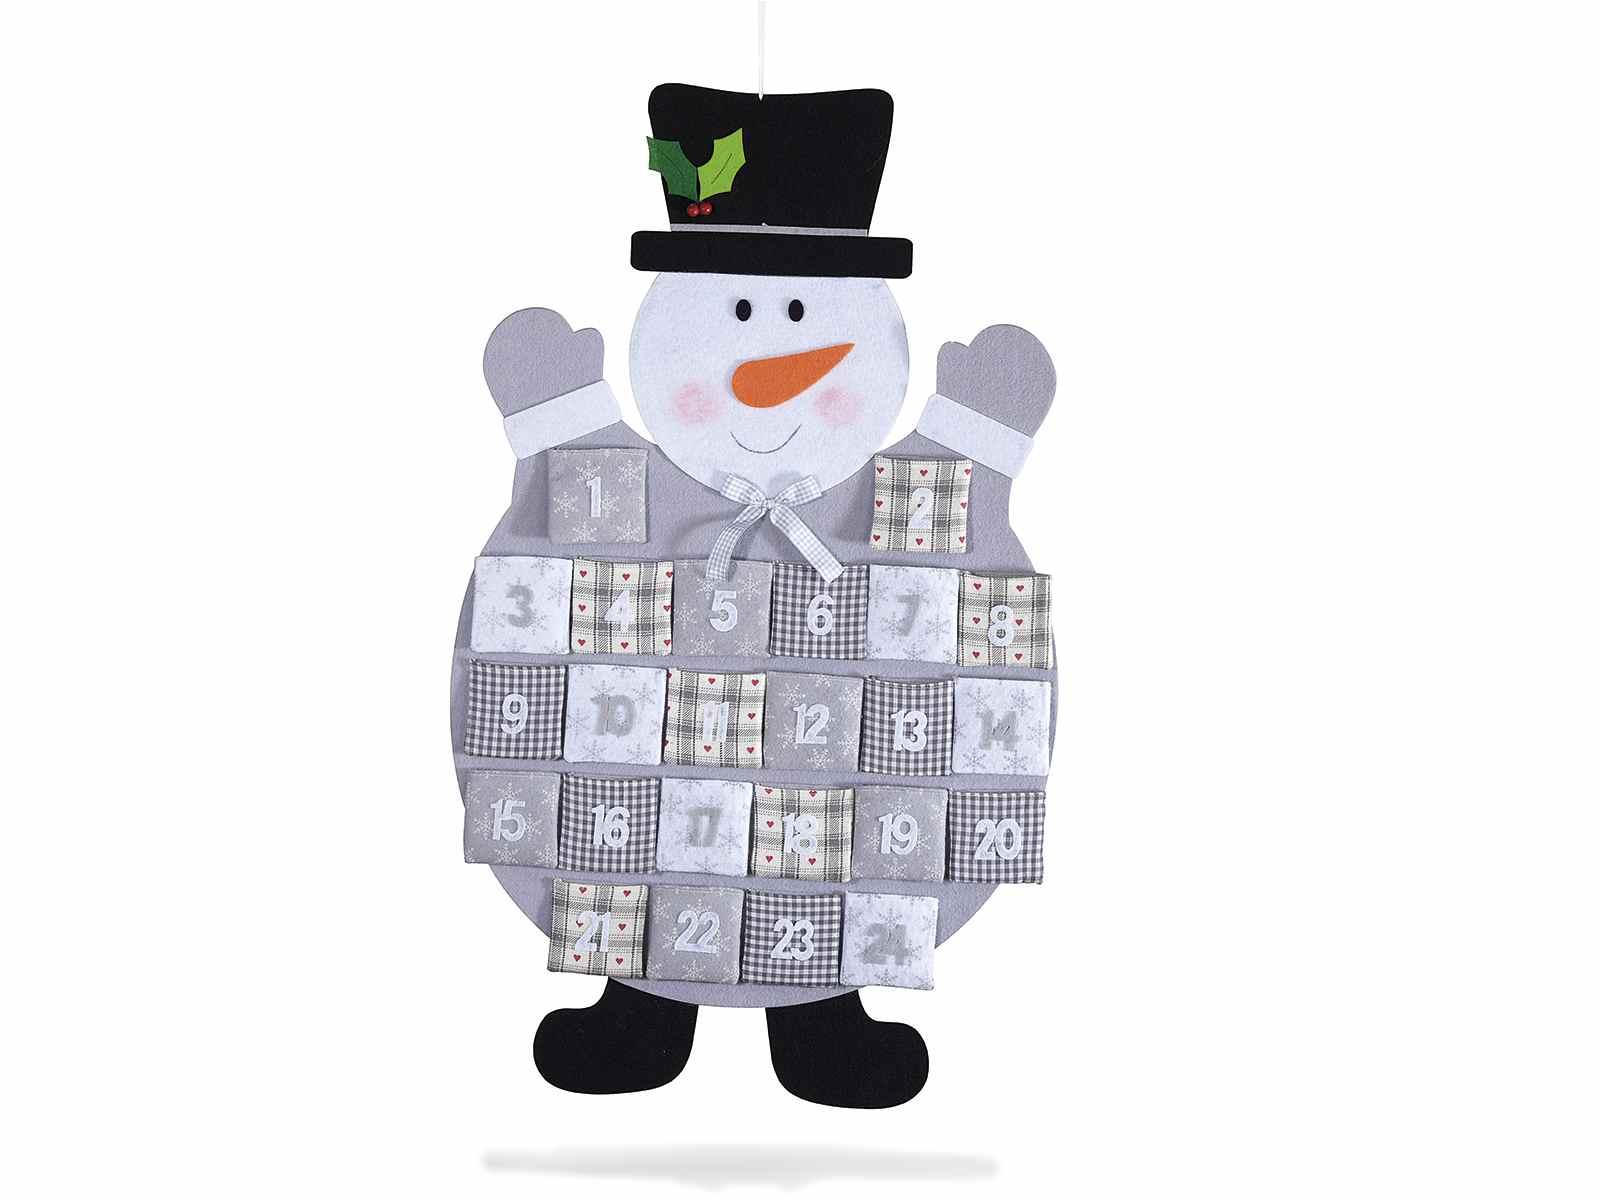 Calendrier de l 39 avent en feutre bonhomme de neige avec - Calendrier de l avent en bonhomme de neige ...